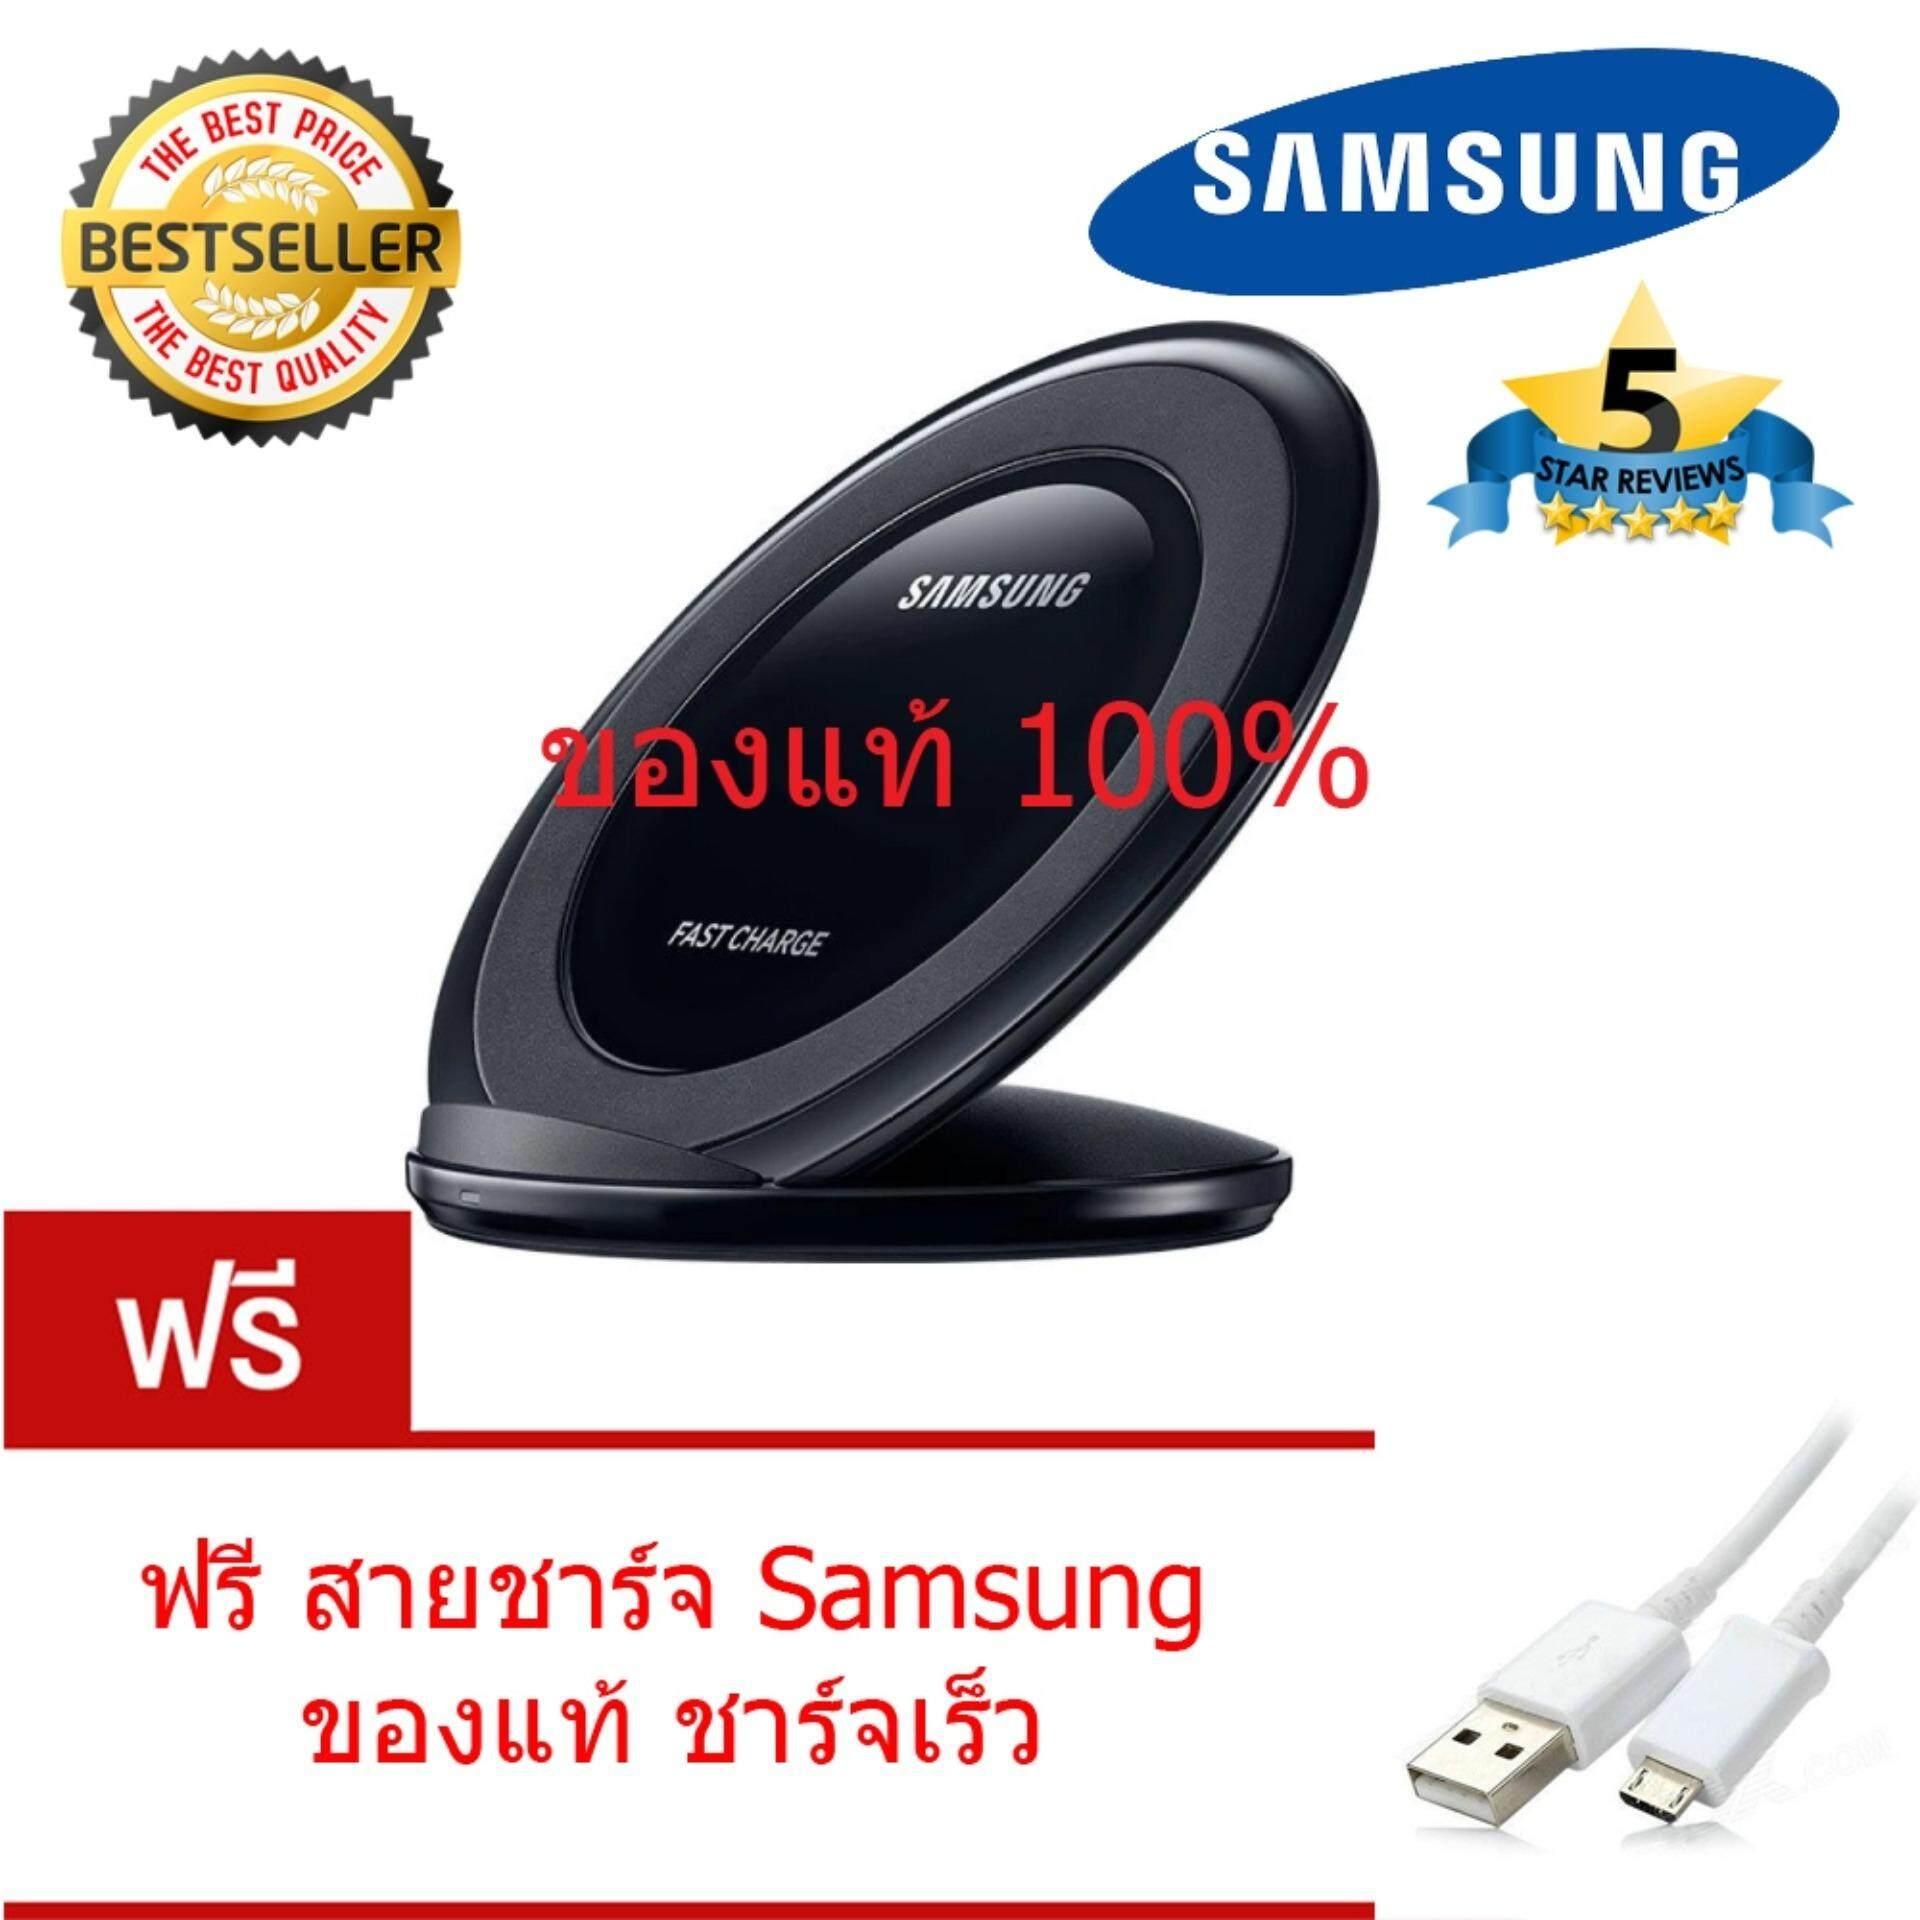 ขาย Samsung Wireless Charger Pad Ep Ng930 ที่ชาร์จไร้สาย คุณภาพสูง For Samsung Galaxy S7 Note5 S6 Edge Plus ออนไลน์